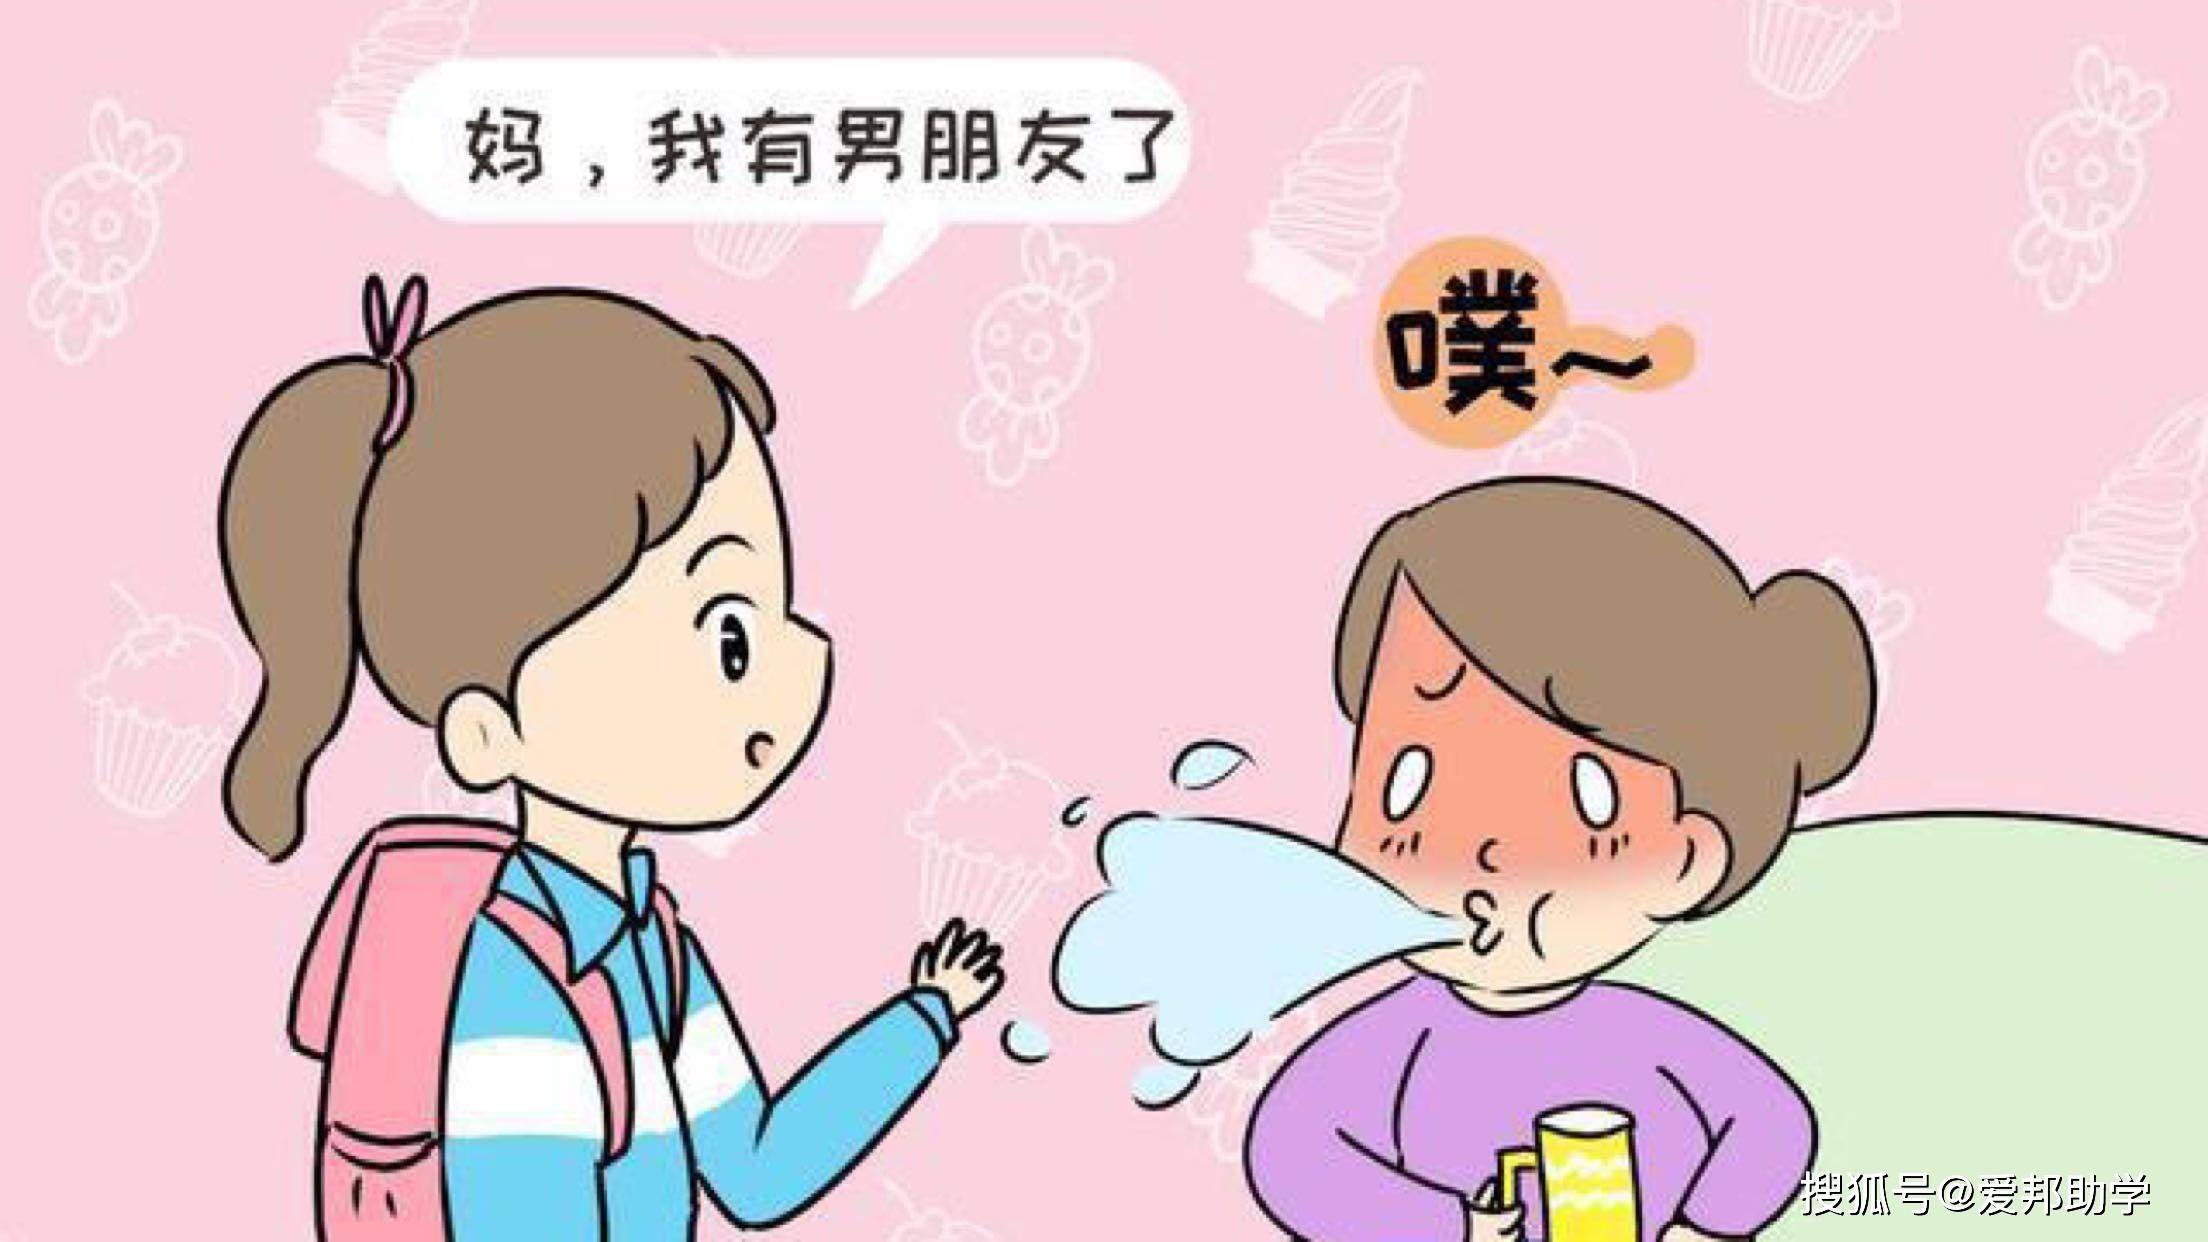 父母怀疑自己早恋怎么办 父母怀疑自己谈恋爱